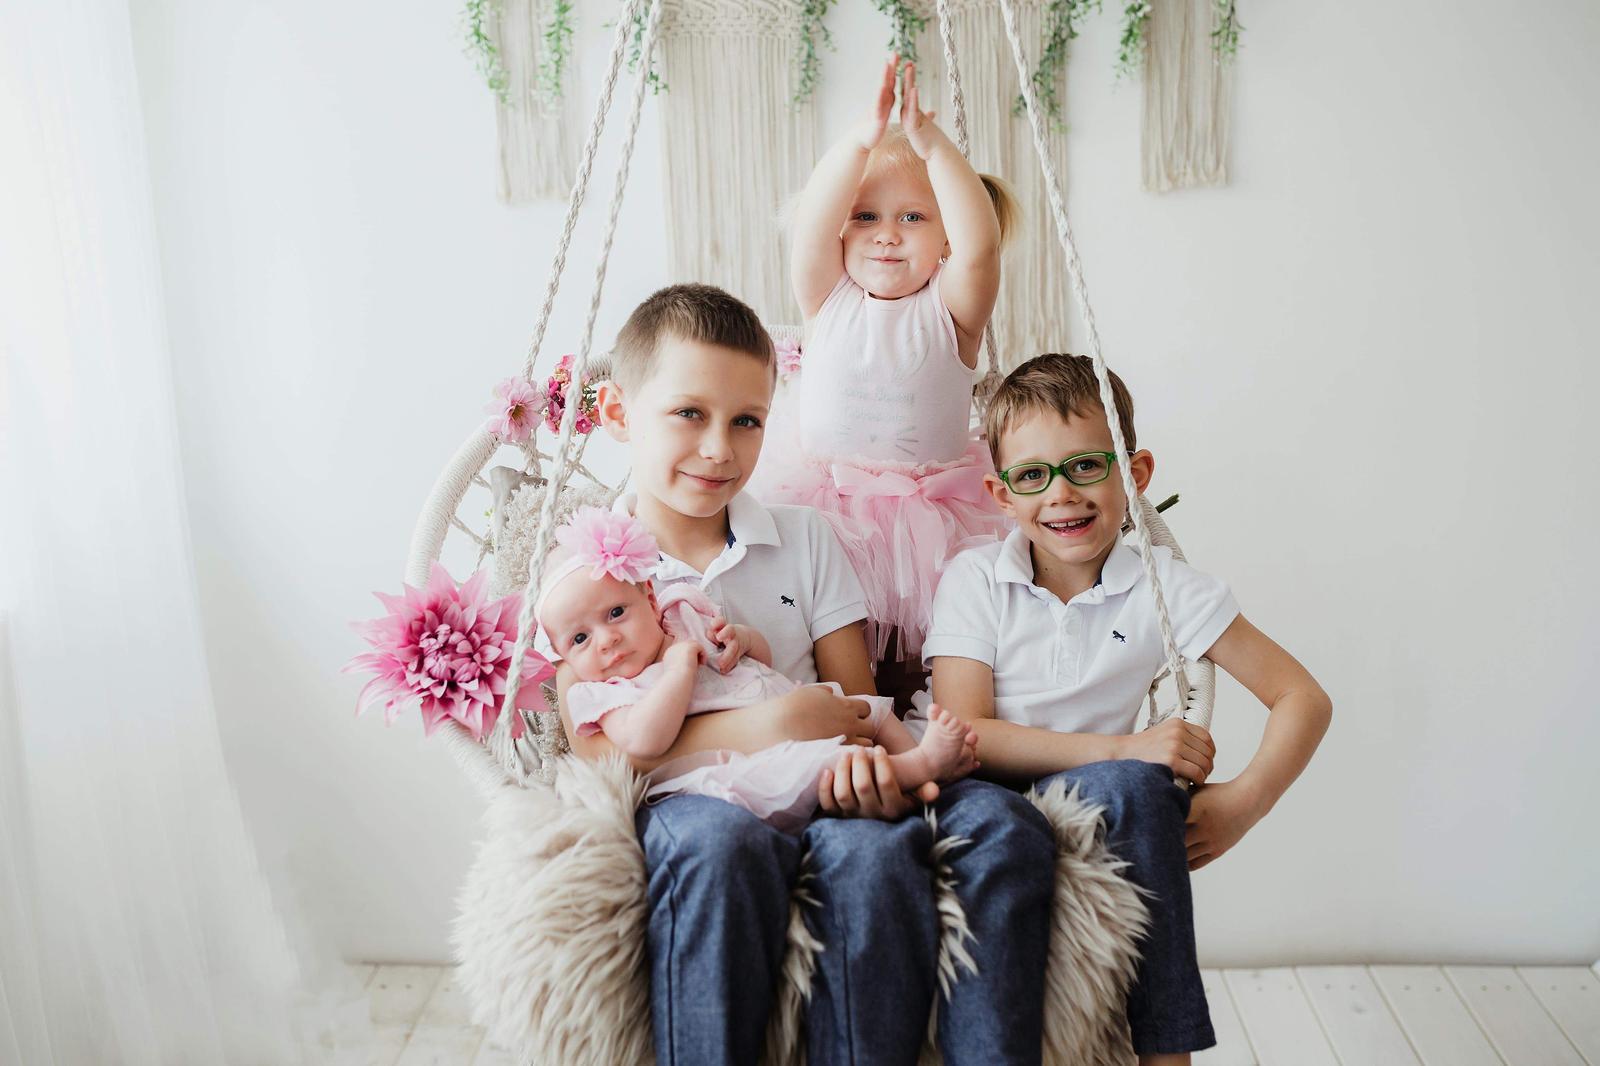 Bára Miltnerová{{_AND_}}Jirka Spěváček - Naše 4 děti